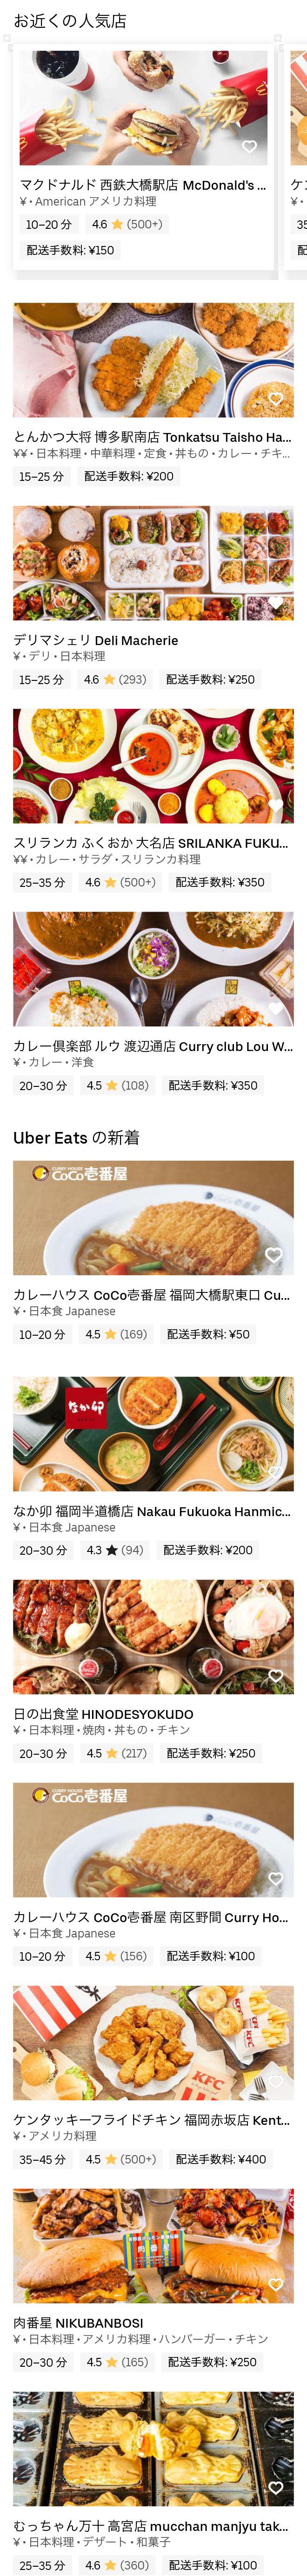 2002 oohashi01